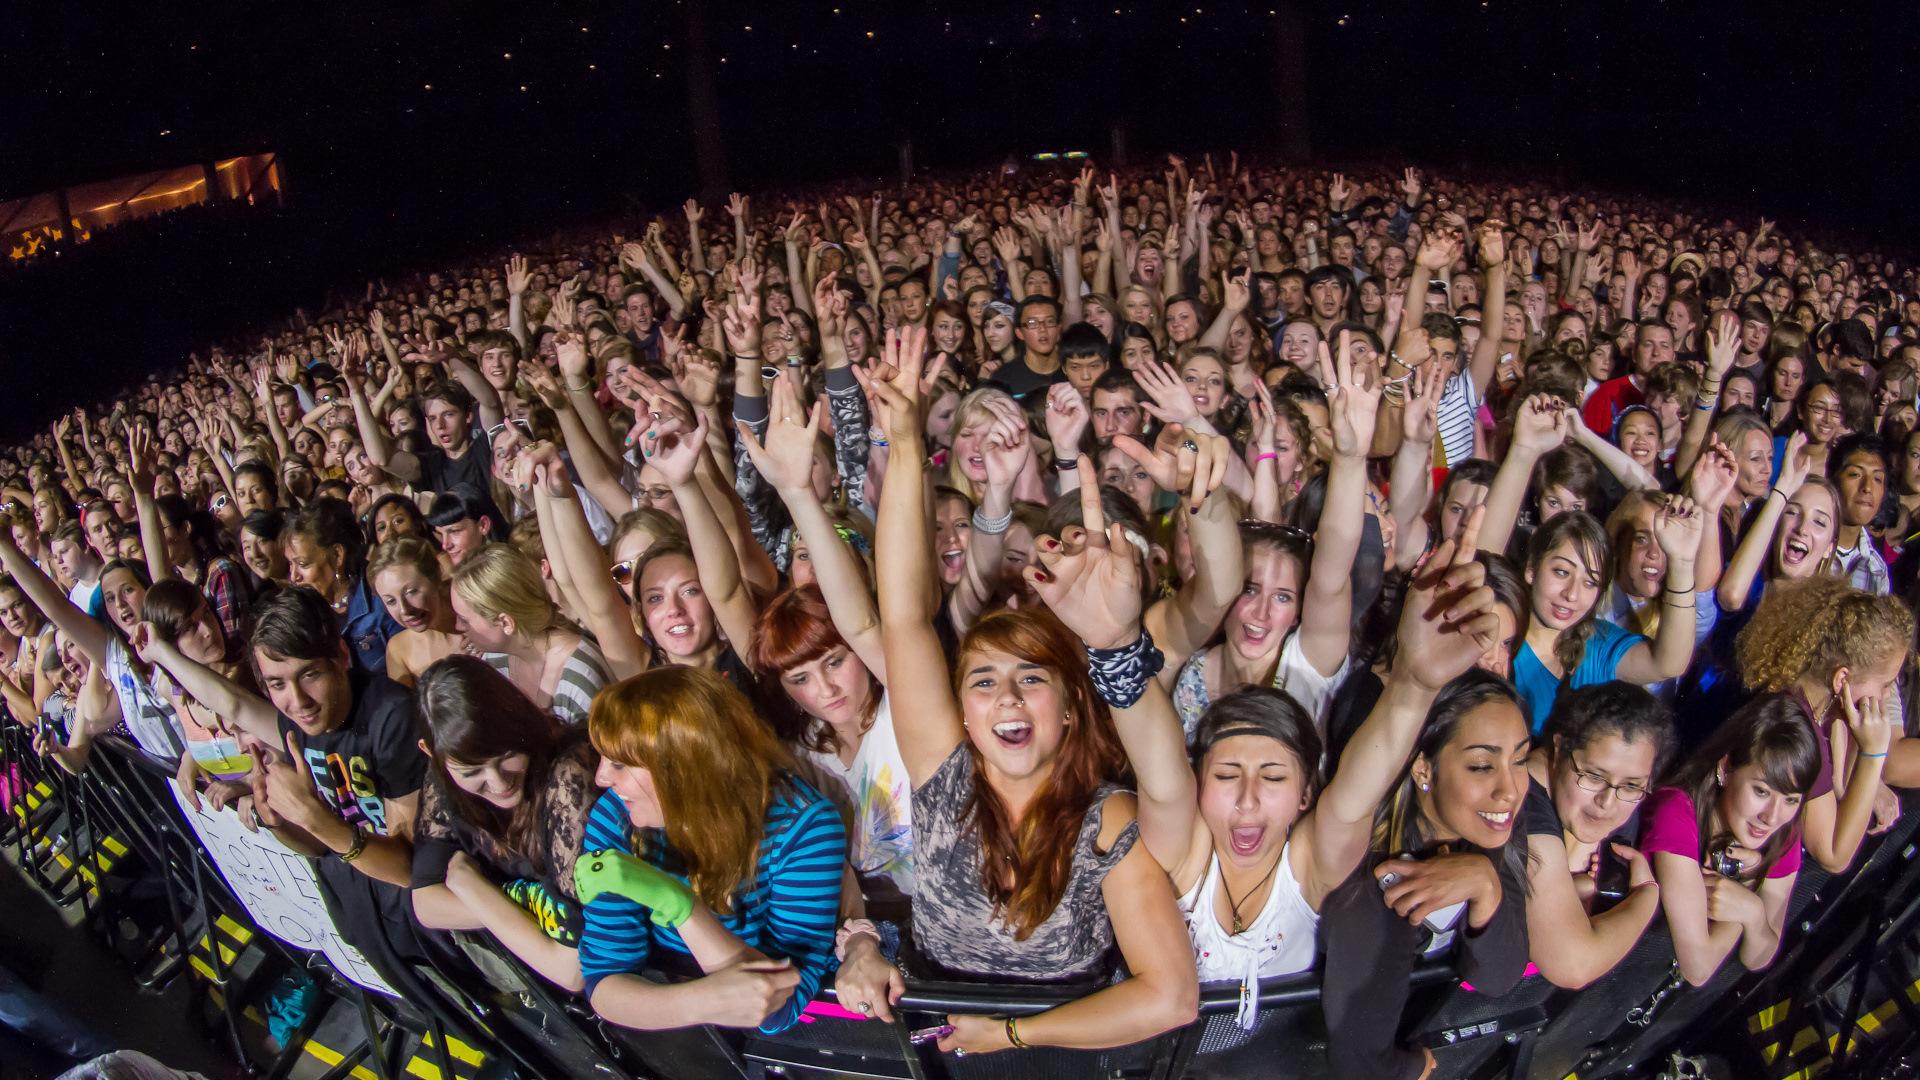 египет зрители на концерте картинки большинство комментаторов